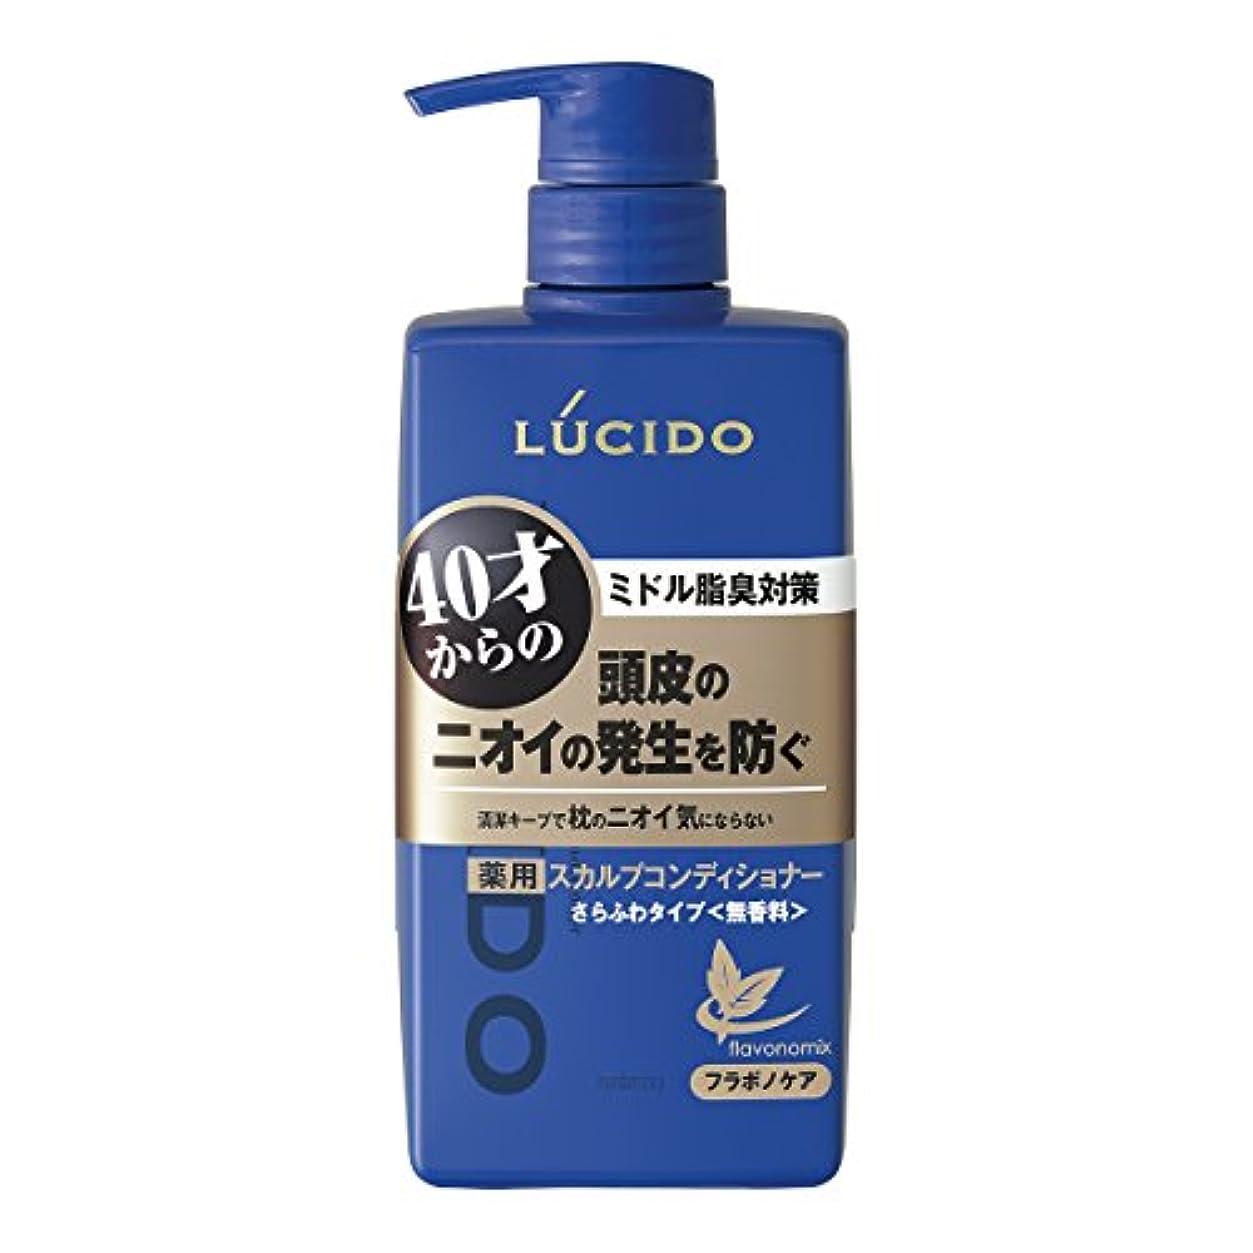 恥ずかしい品みぞれルシード 薬用ヘア&スカルプコンディショナー 450g(医薬部外品)